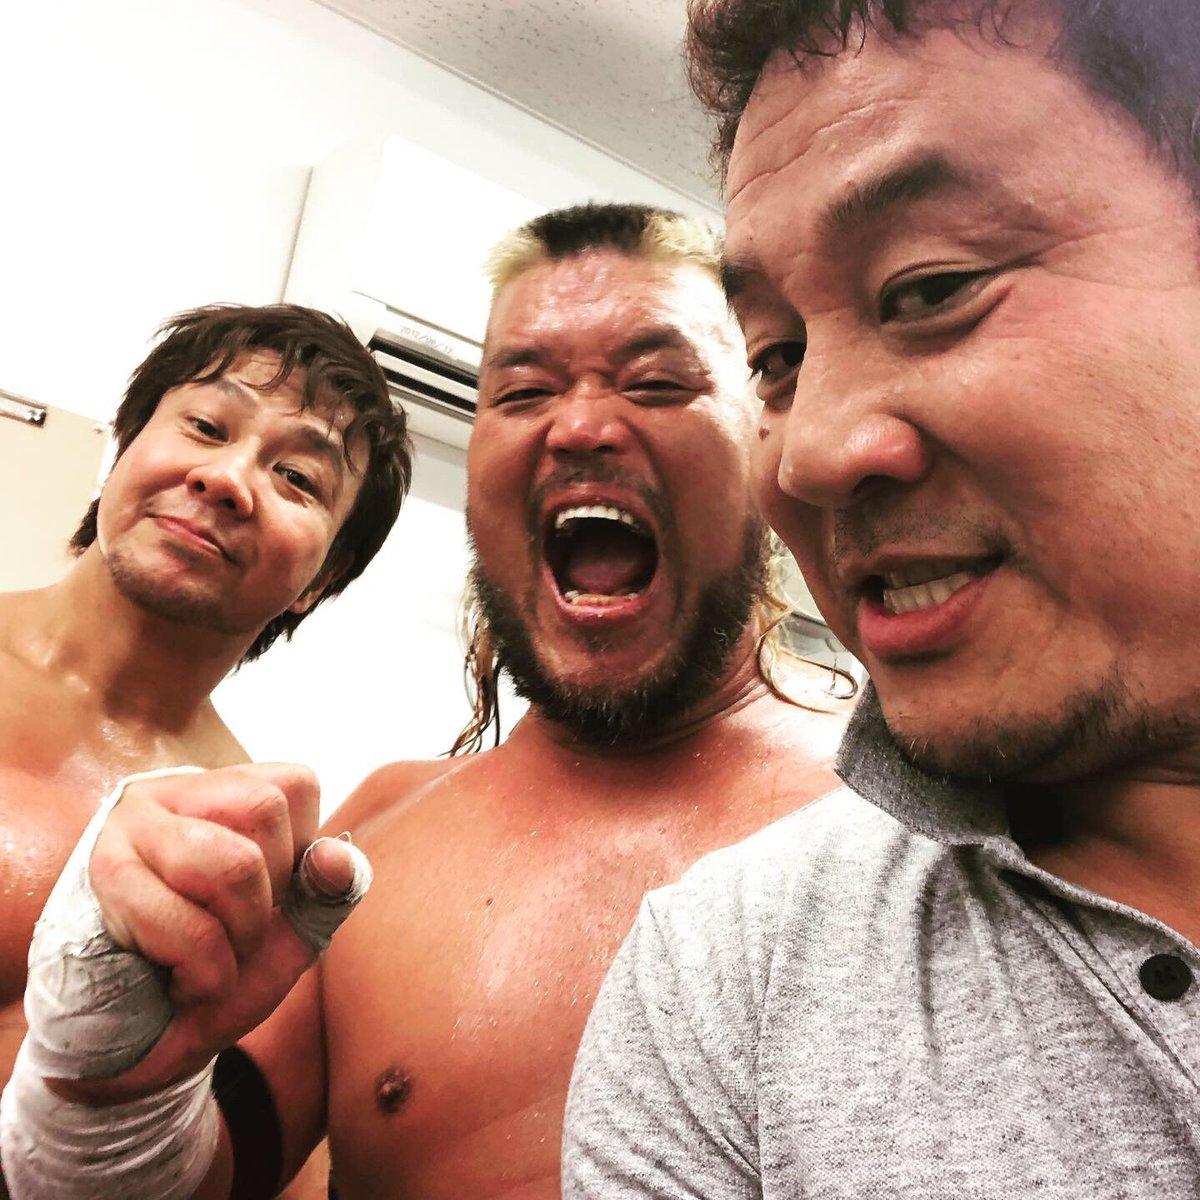 kohei_ike93 photo